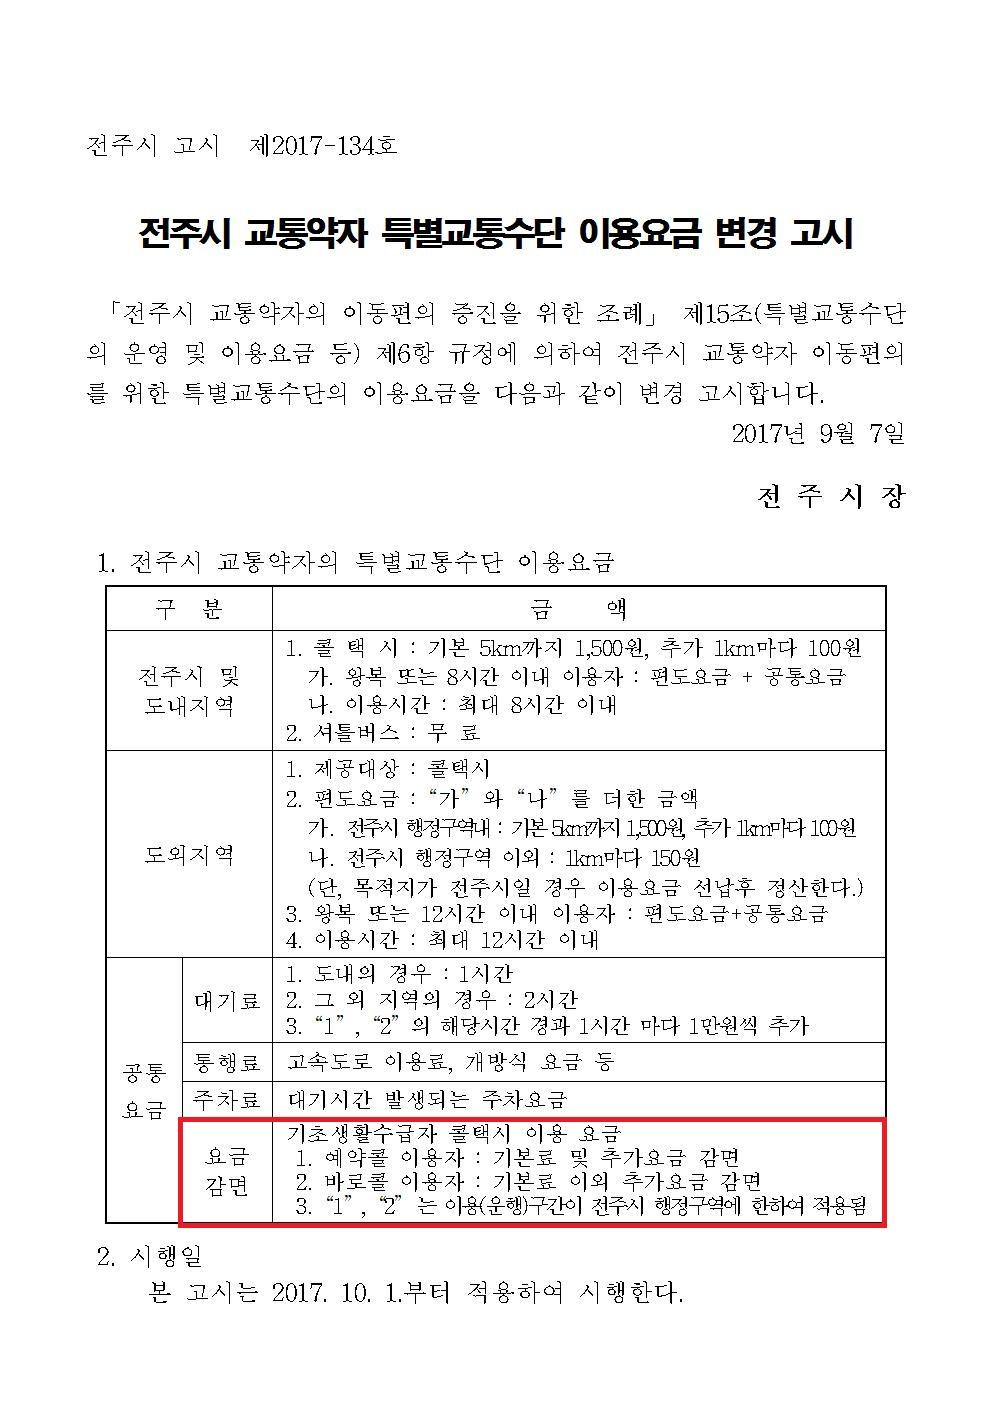 17.9.8_교통약자특별교통수단이용요금(변경)고시001.jpg